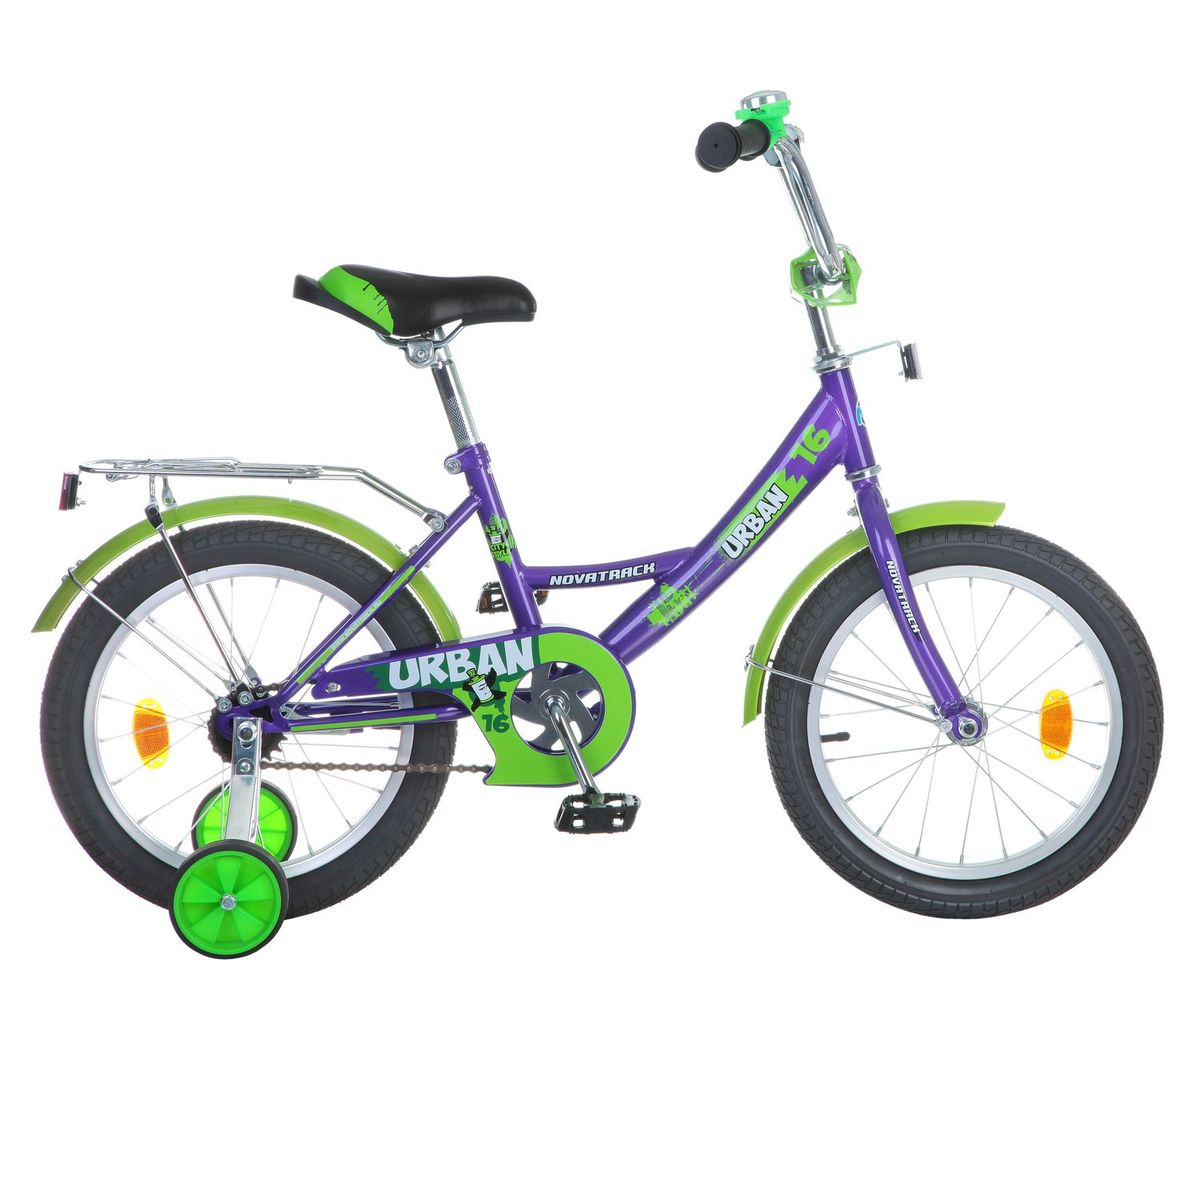 Велосипед детский Novatrack Urban, цвет: фиолетовый, зеленый, 16 детский велосипед novatrack х21010 taxi yellow